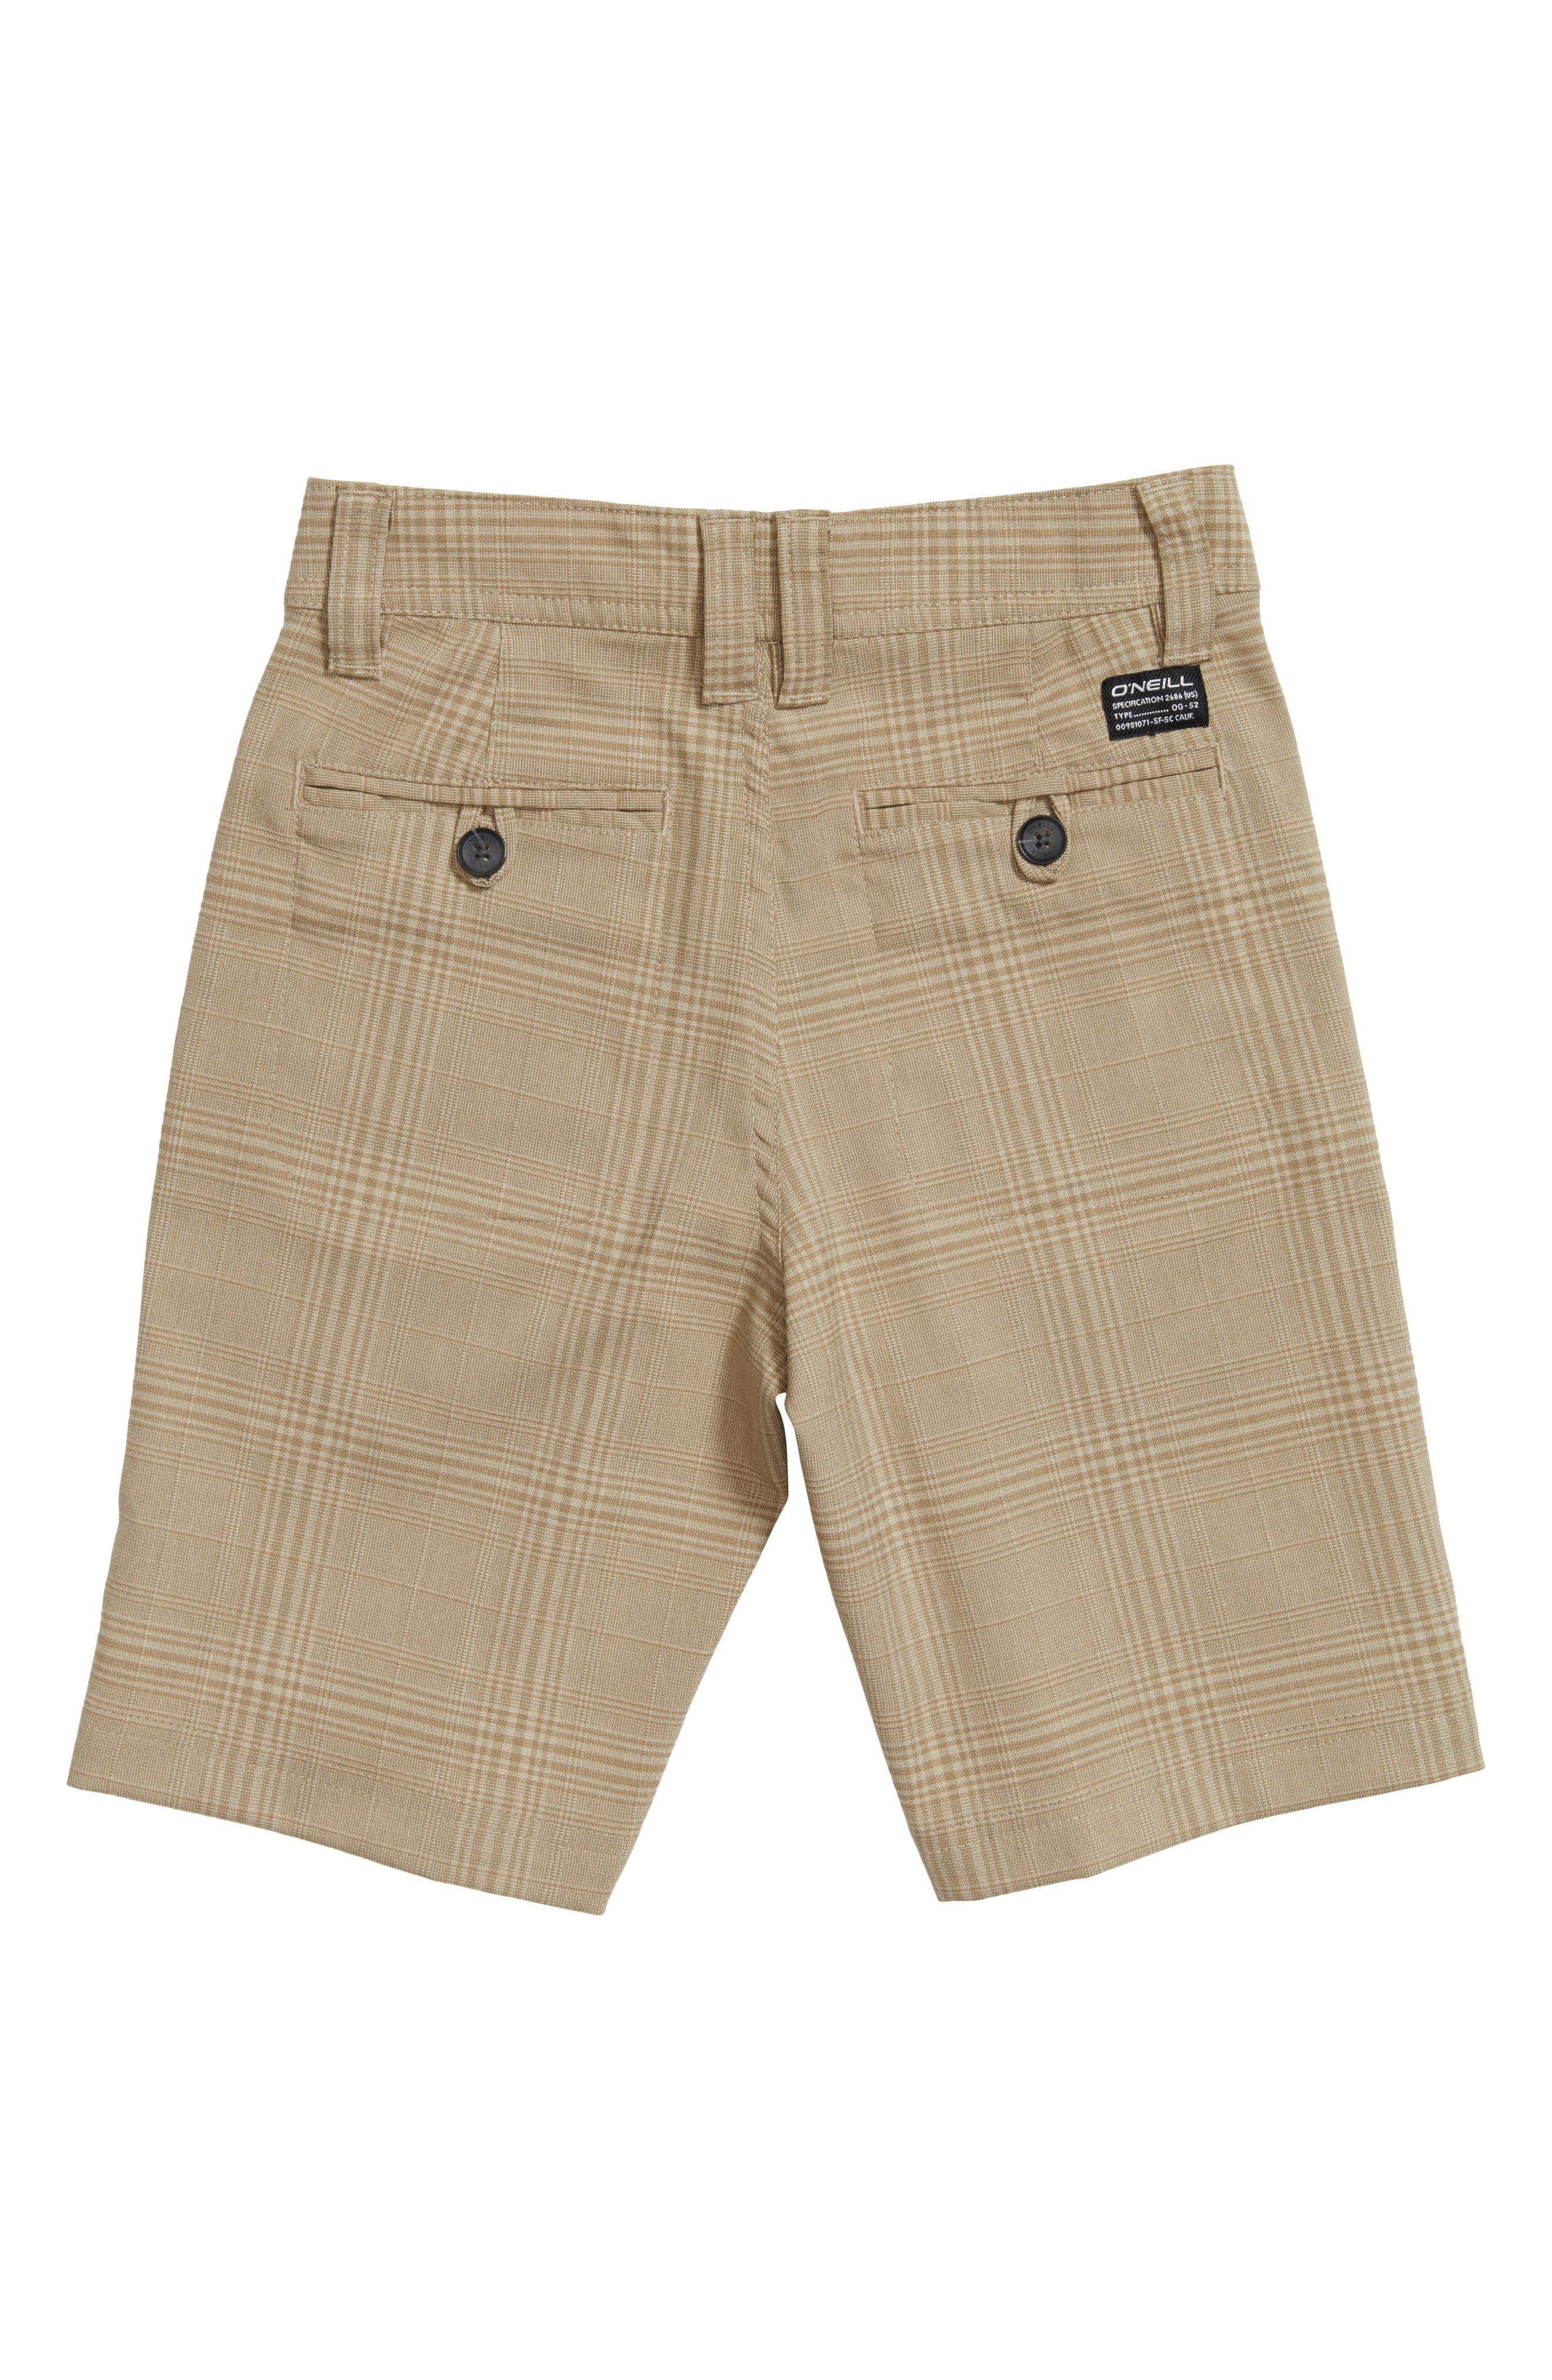 Bristol Plaid Shorts,                             Alternate thumbnail 2, color,                             Khaki